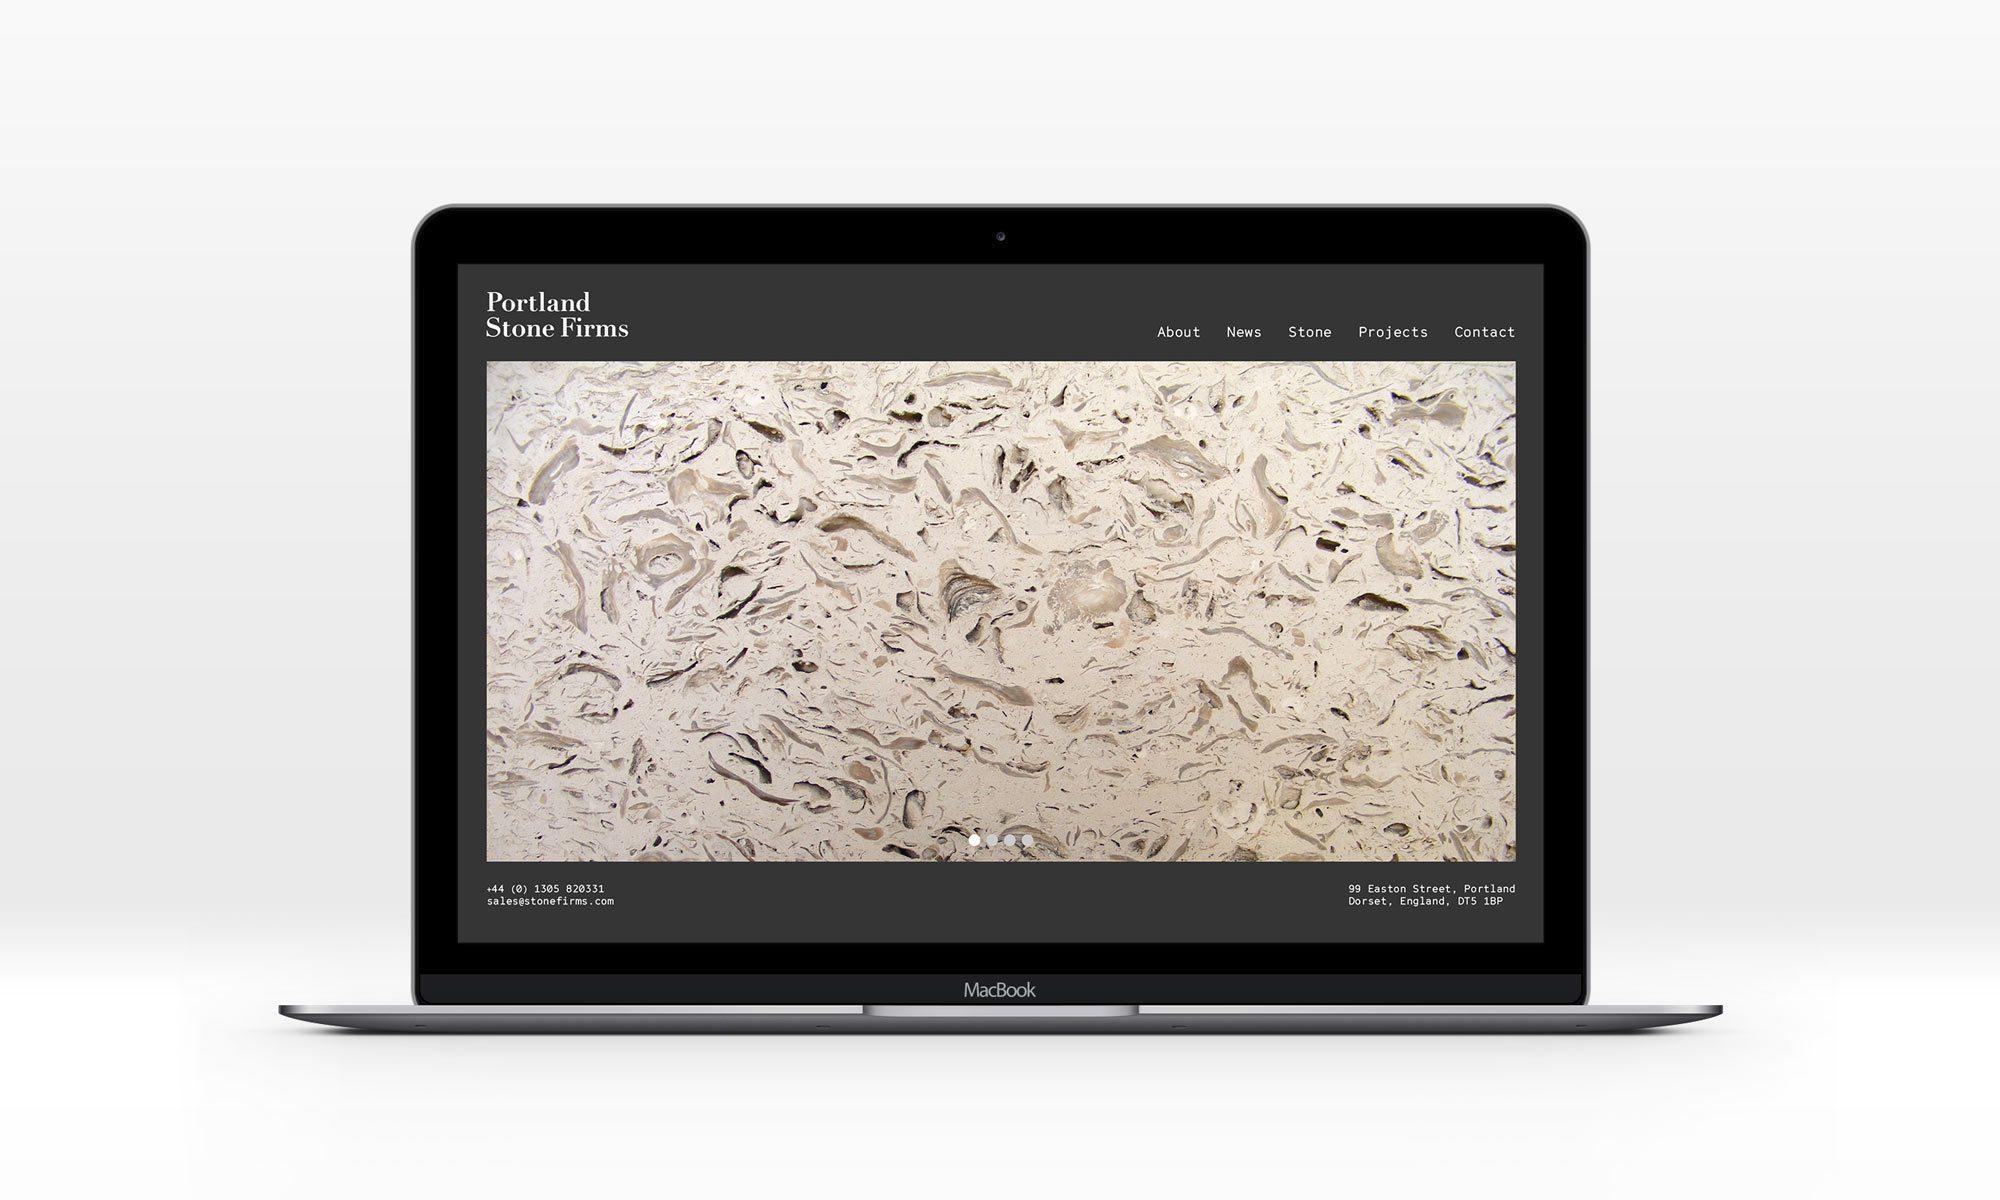 Portland Stone Firms website